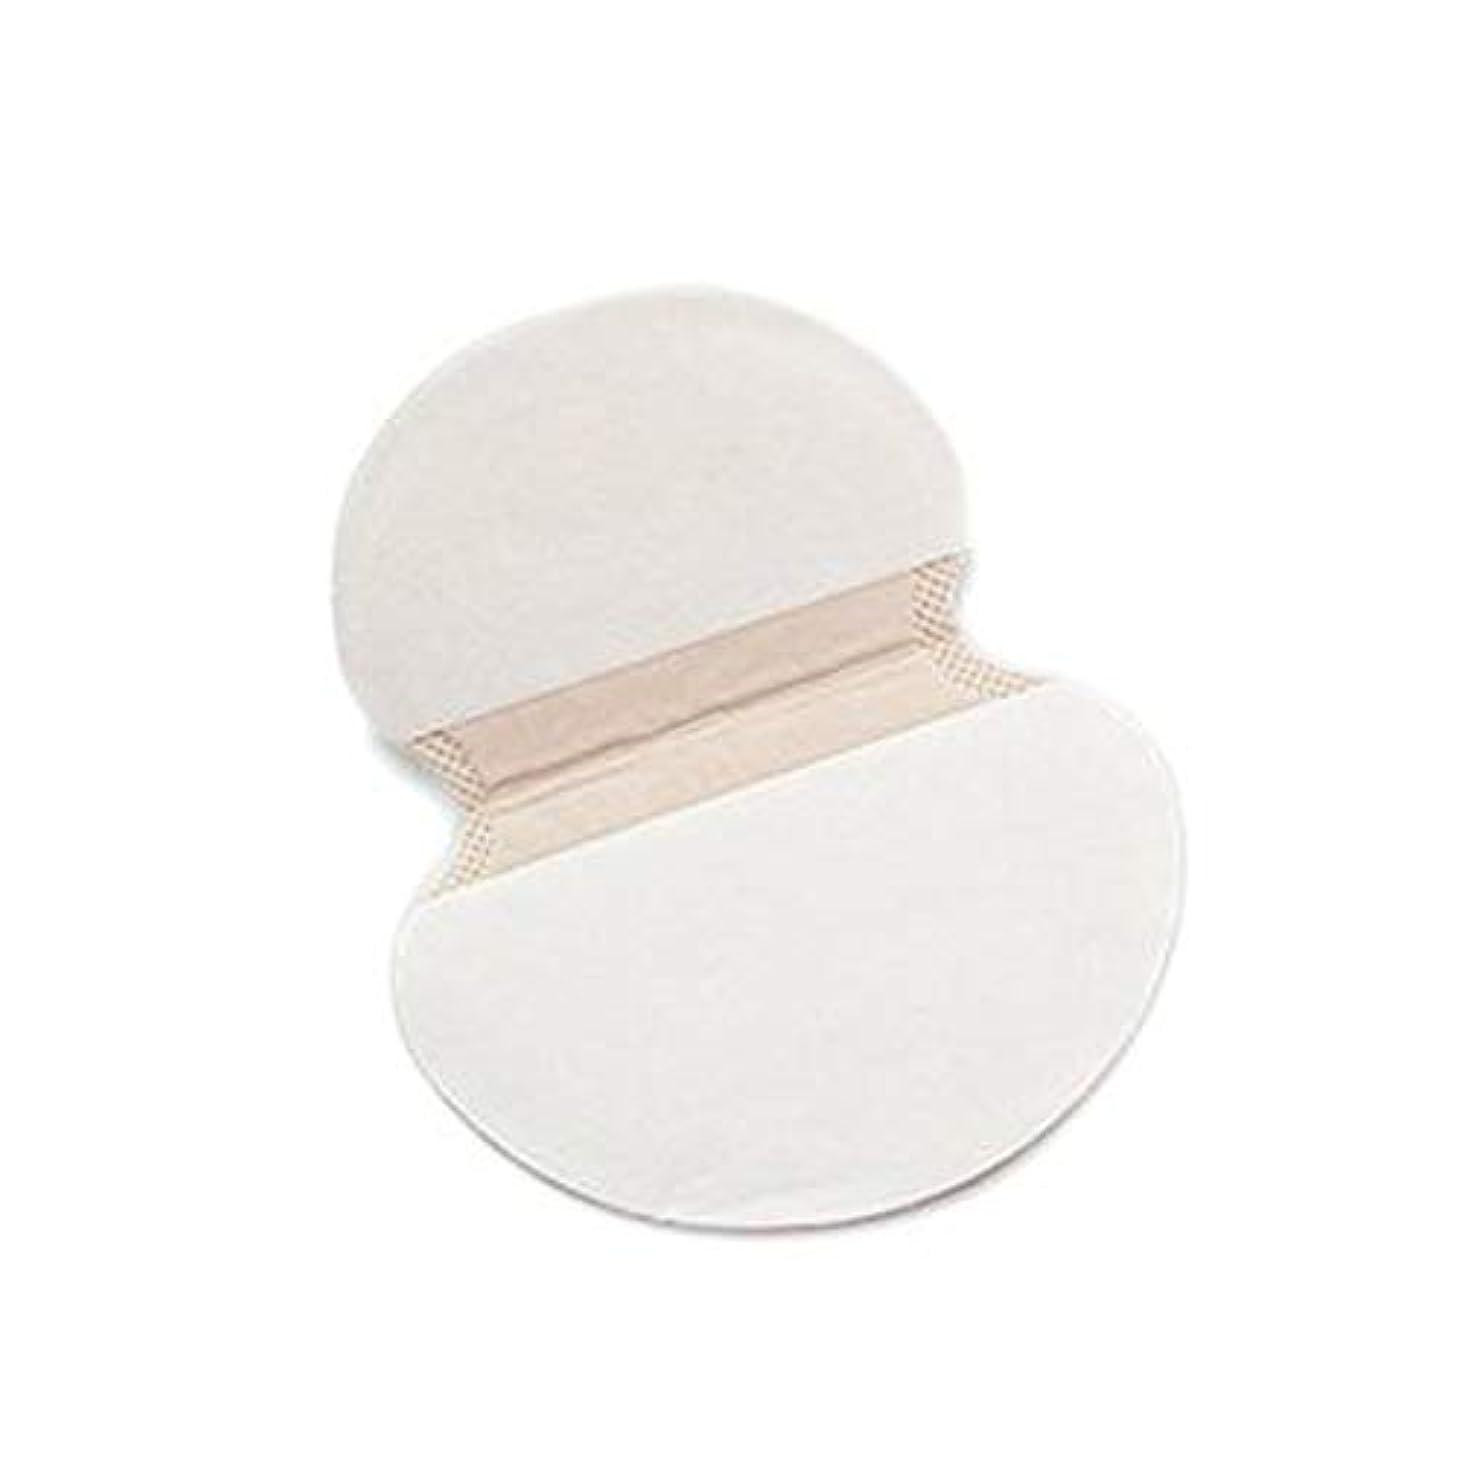 資格ウェイターステープル100枚入キ汗対策わき汗パット 汗わきパッド 防臭 普通サイズ 収納袋付き 使い捨て 直接貼